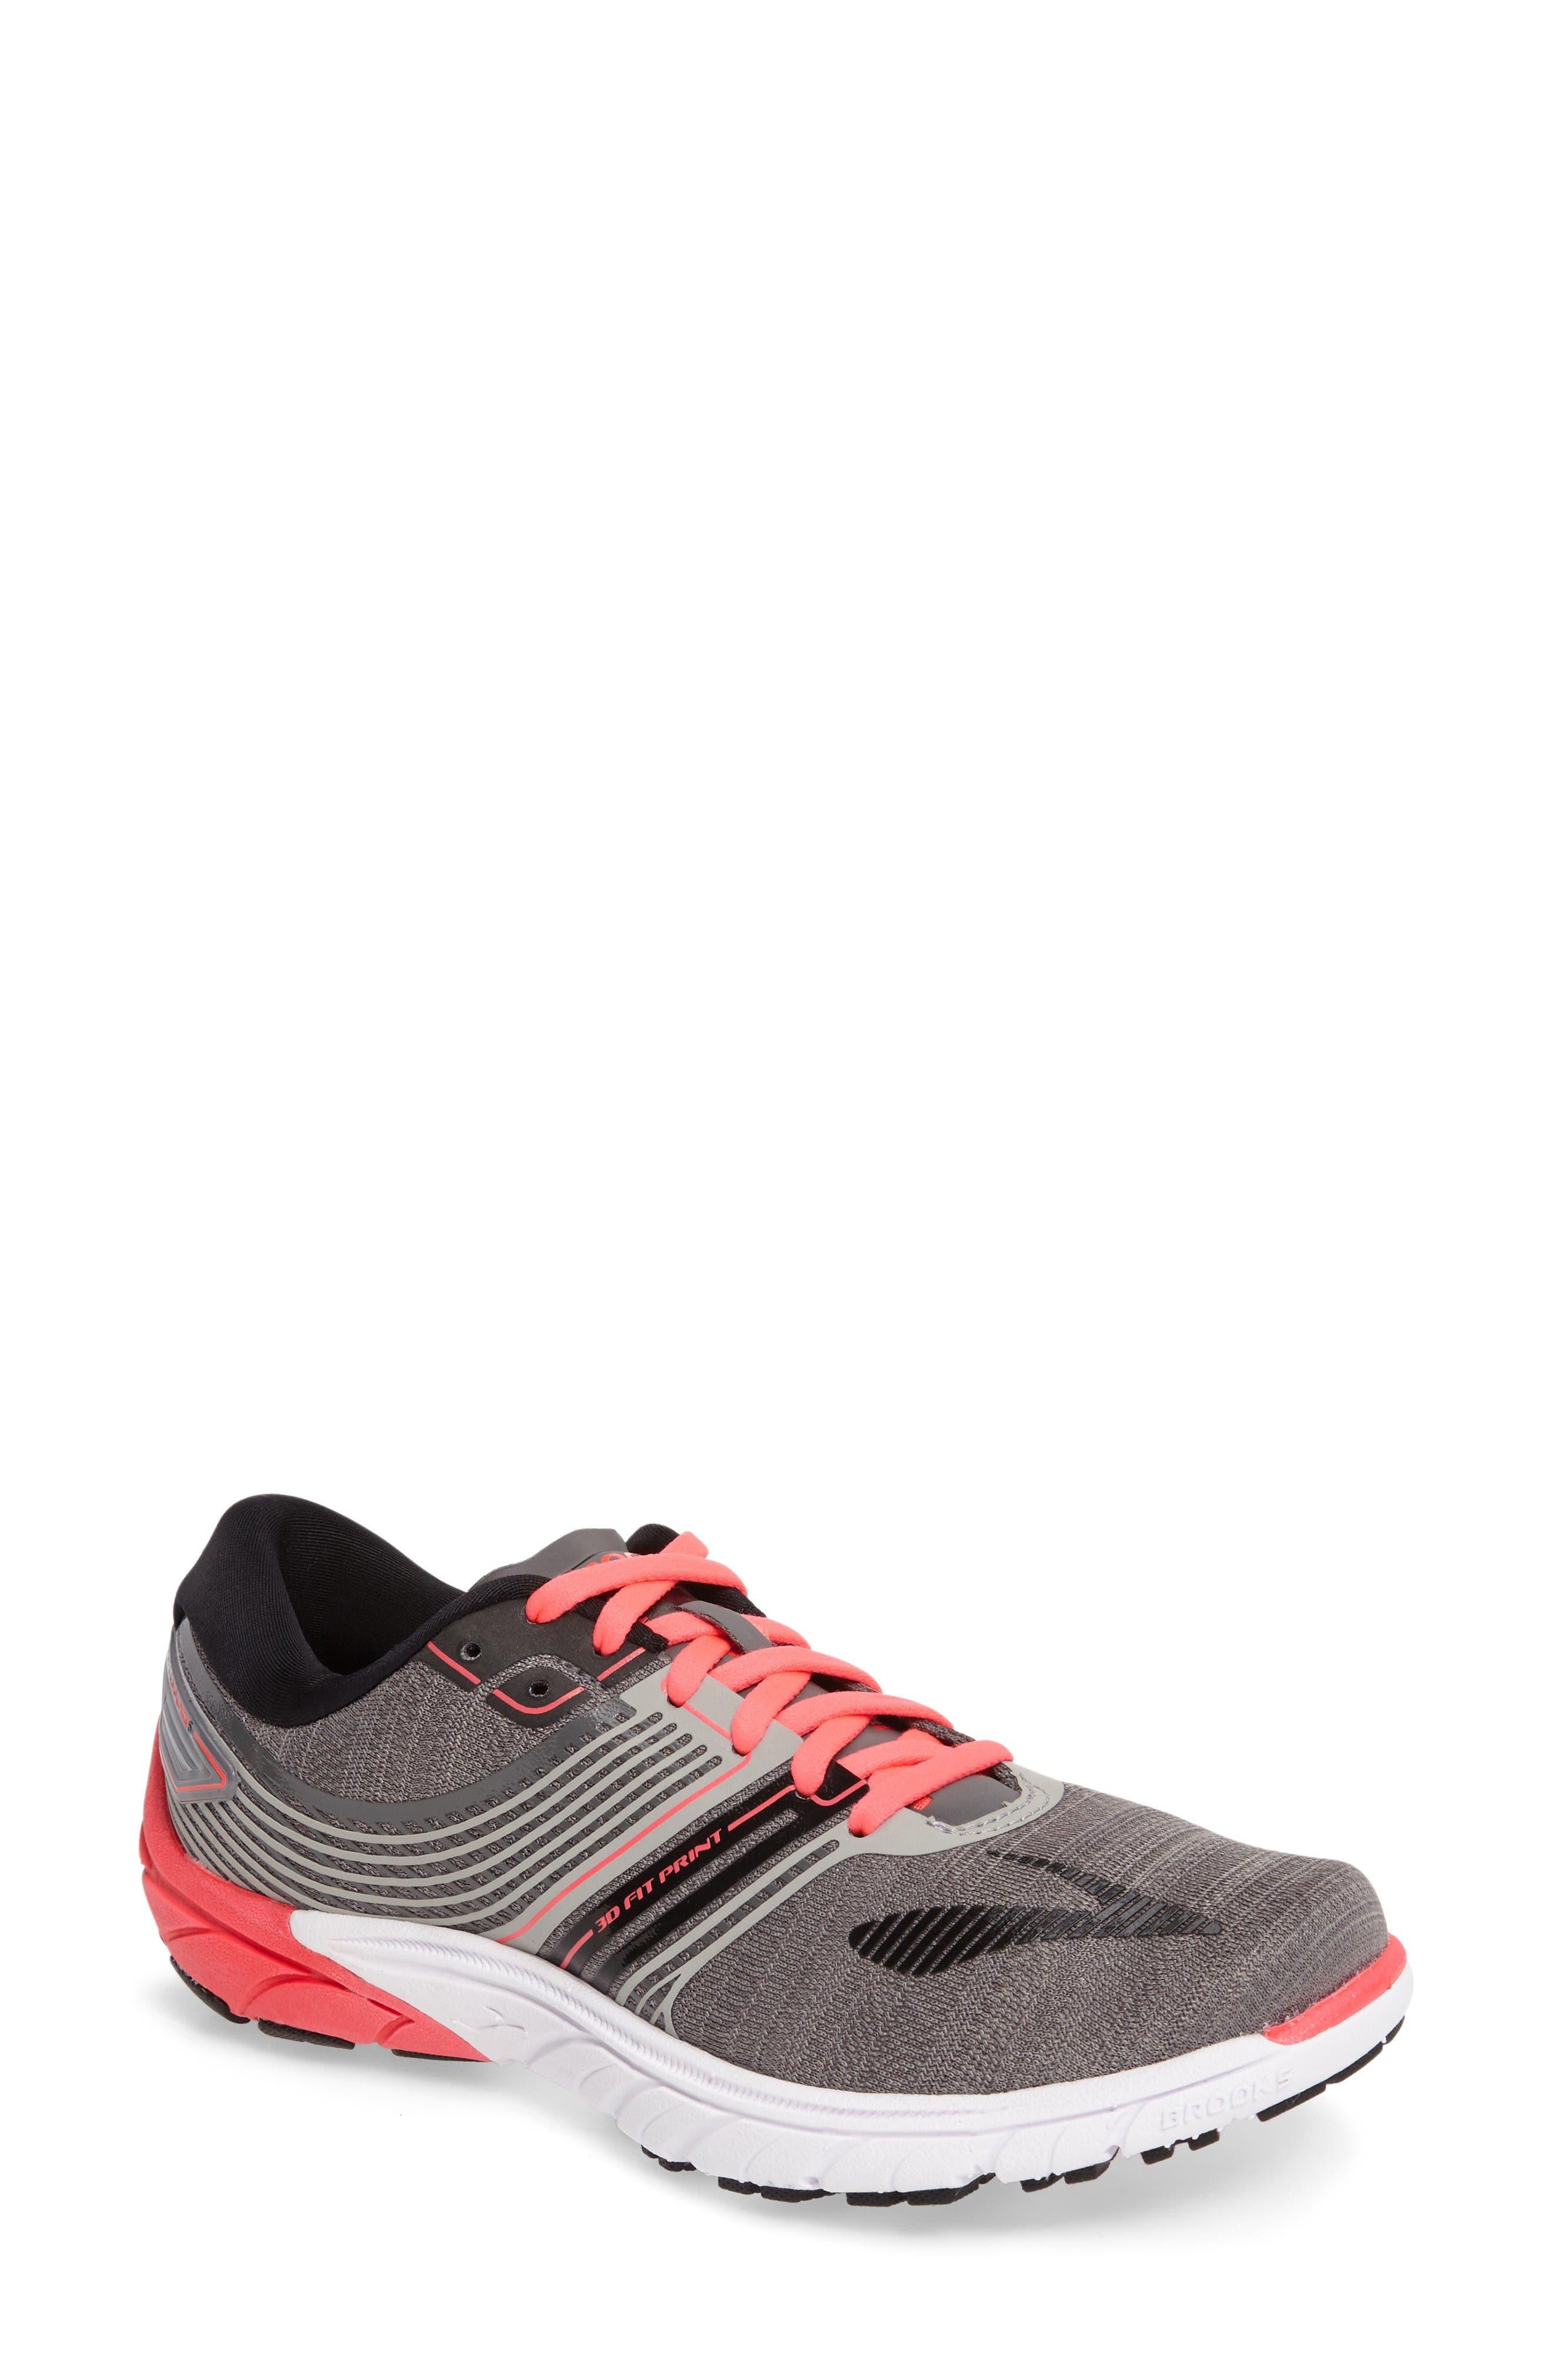 Brooks PureCadence 6 Running Shoe (Women)